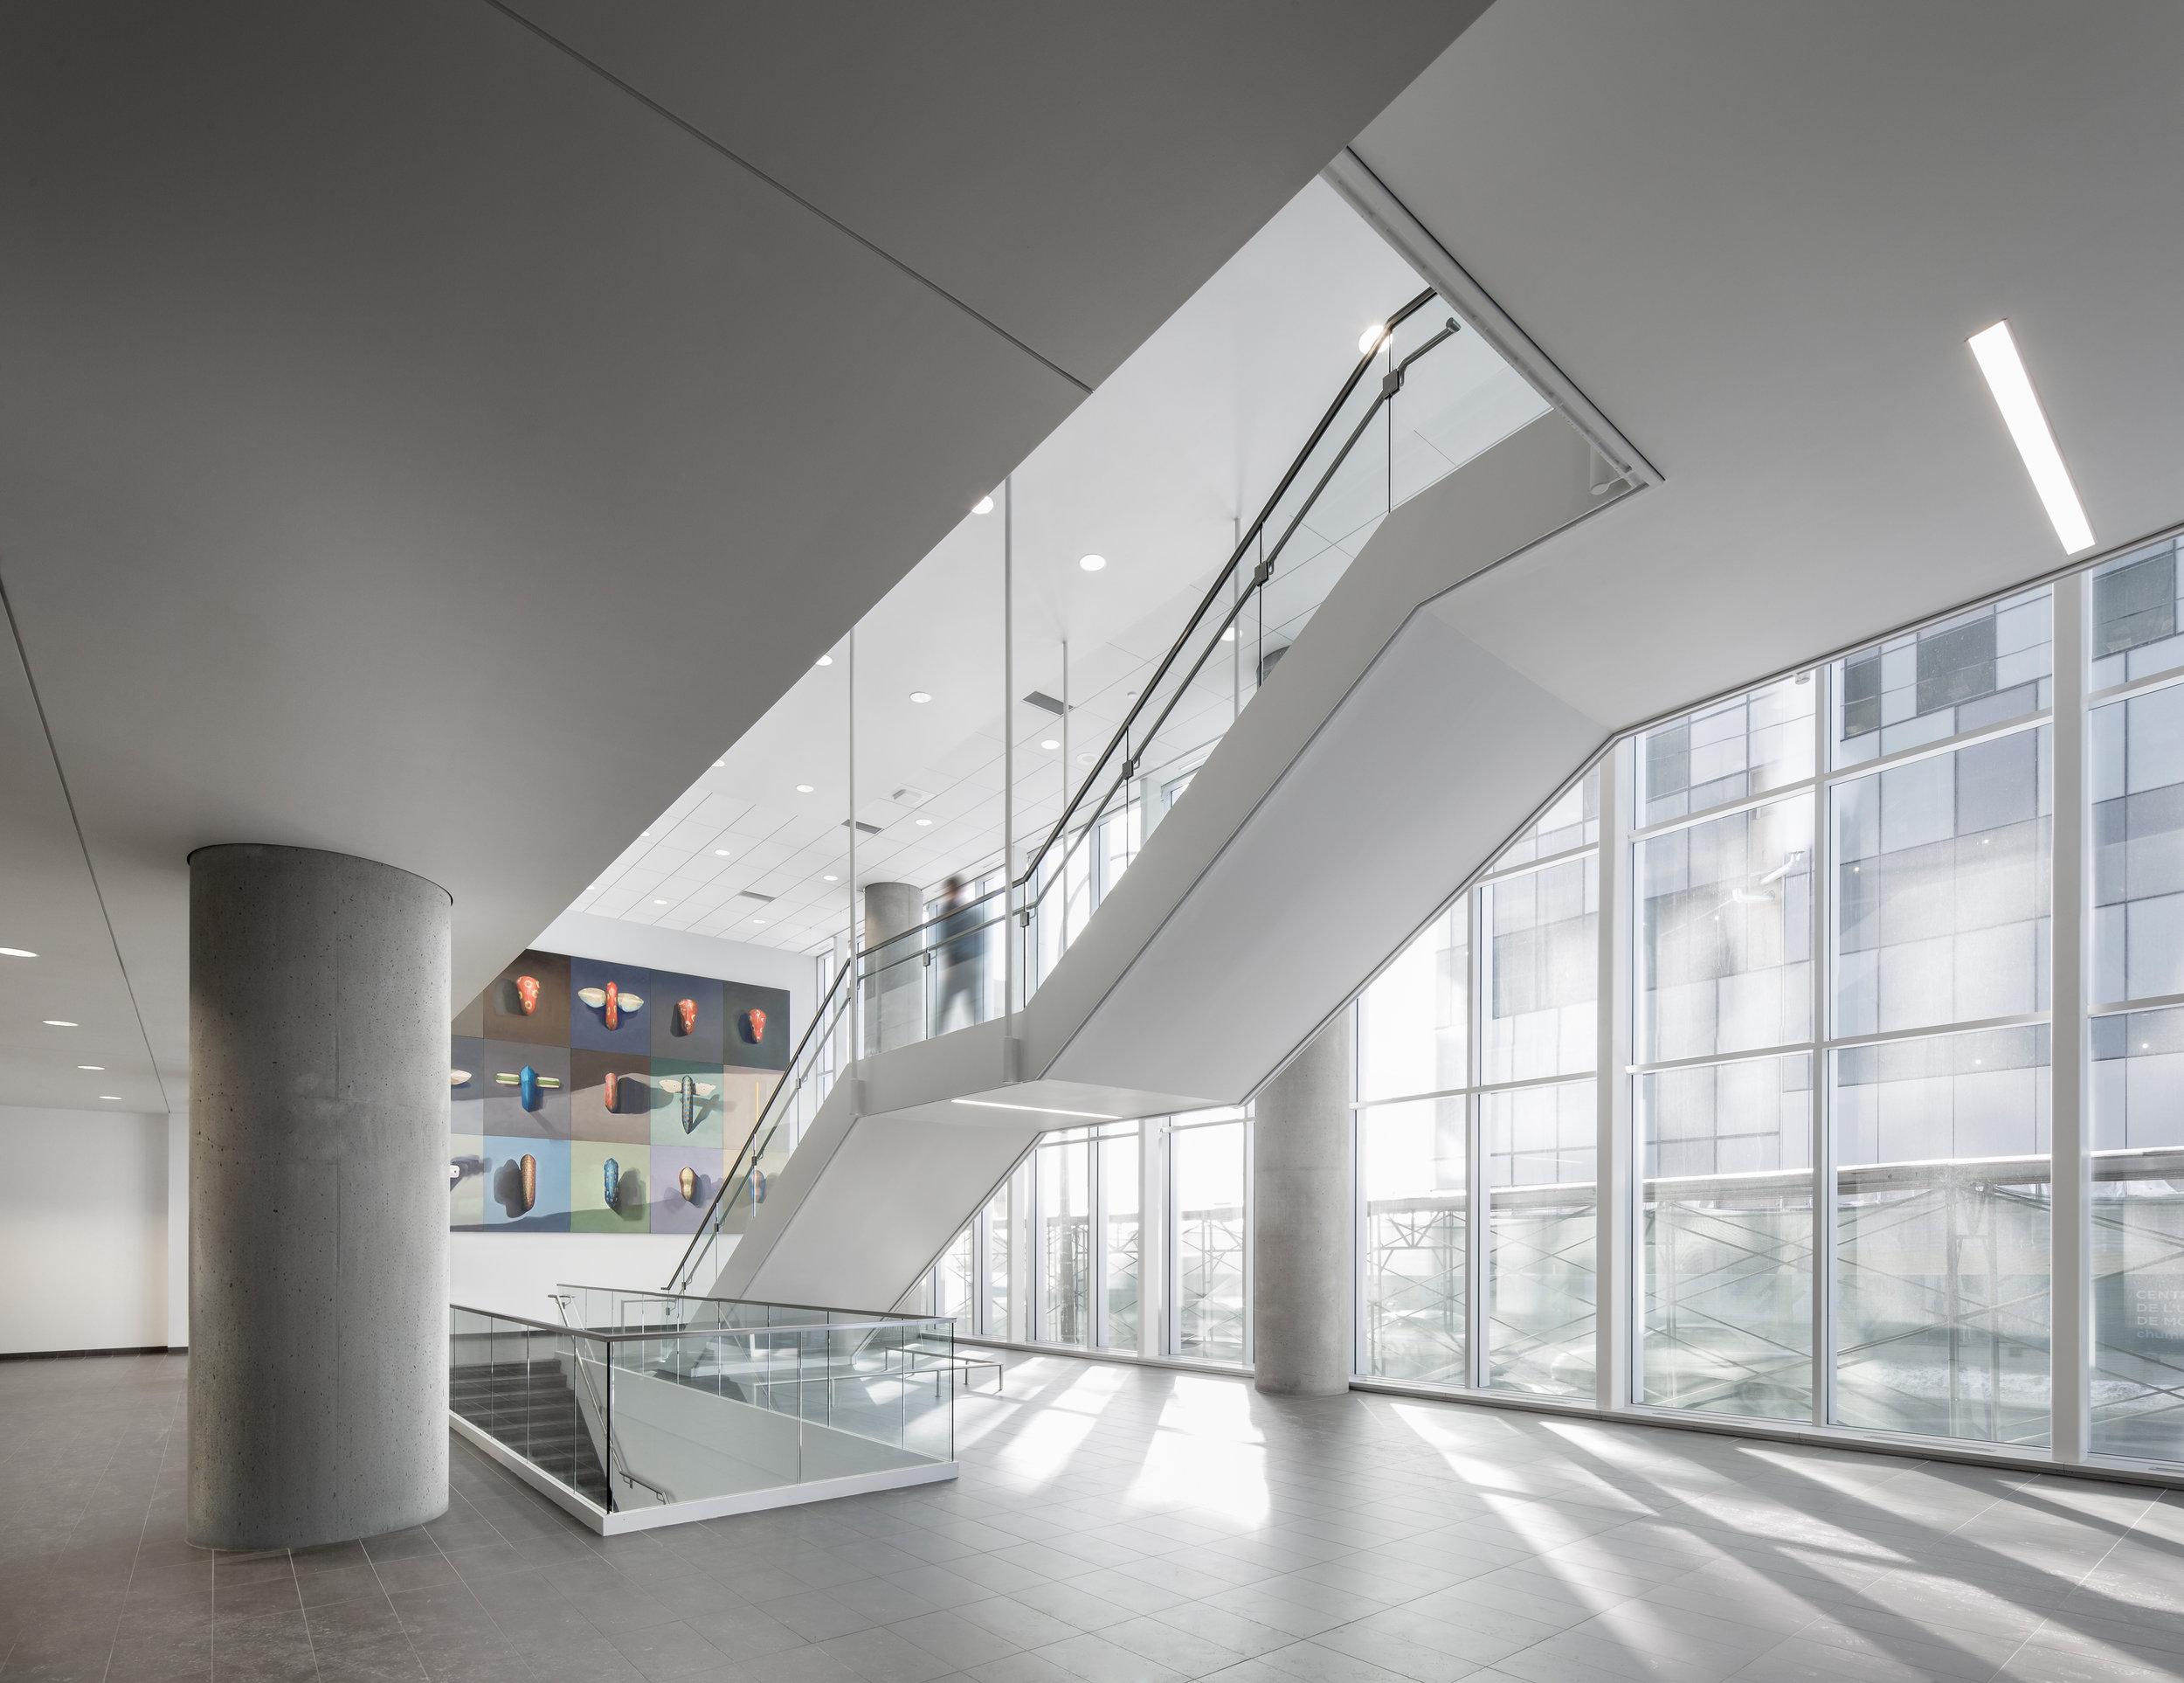 Centre de recherche du Centre hospitalier de l'Université de Montréal [CRCHUM]   Complexe à la fine pointe de la technologie, composé de deux bâtiments de 5 et 15 étages, situé au centre-ville, entre le Quartier latin et le Vieux-Montréal. Il abrite un centre d'enseignement intégré, des activités de recherche clinique et de recherche fondamentale, une animalerie, des laboratoires, des bureaux, une agora, un amphithéâtre, une garderie et un cyclotron.  Certifié LEED NC Or  Prix d'excellence – Meilleur projet immobilier [2014], Institut du développement urbain du Québec  Prix ARMATURA – Institutionnel [2012], IAAQ   Partenaires : Jodoin Lamarre Pratte et Associés Architectes, Lemay et Associés Architectes, NFOE et Associés Architectes, Parkin Architects